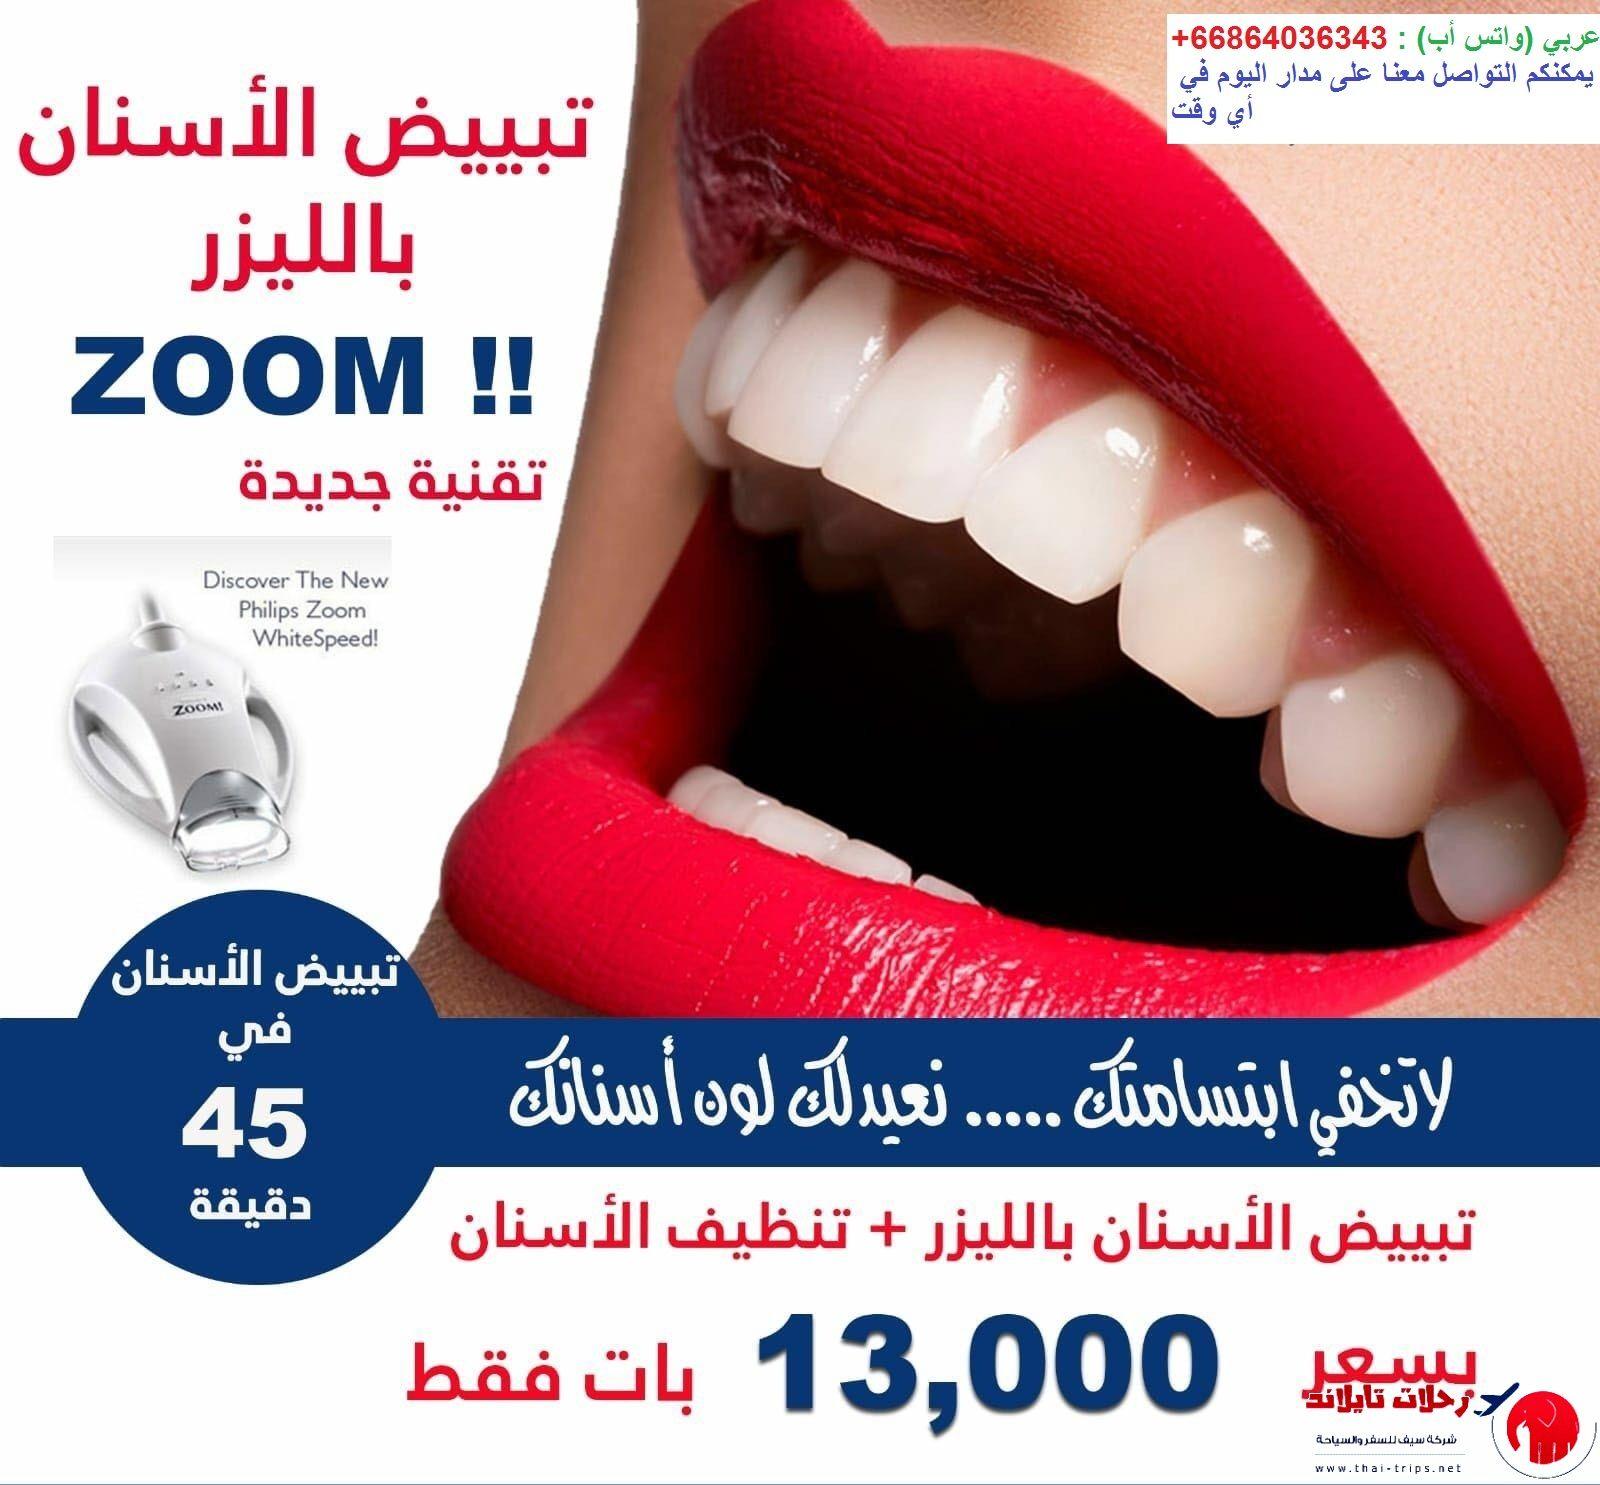 تبييض الأسنان بالليزر في 45 دقيقة بسعر خاص لدينا فقط Live Lokai Bracelet Lokai Bracelet Lobi